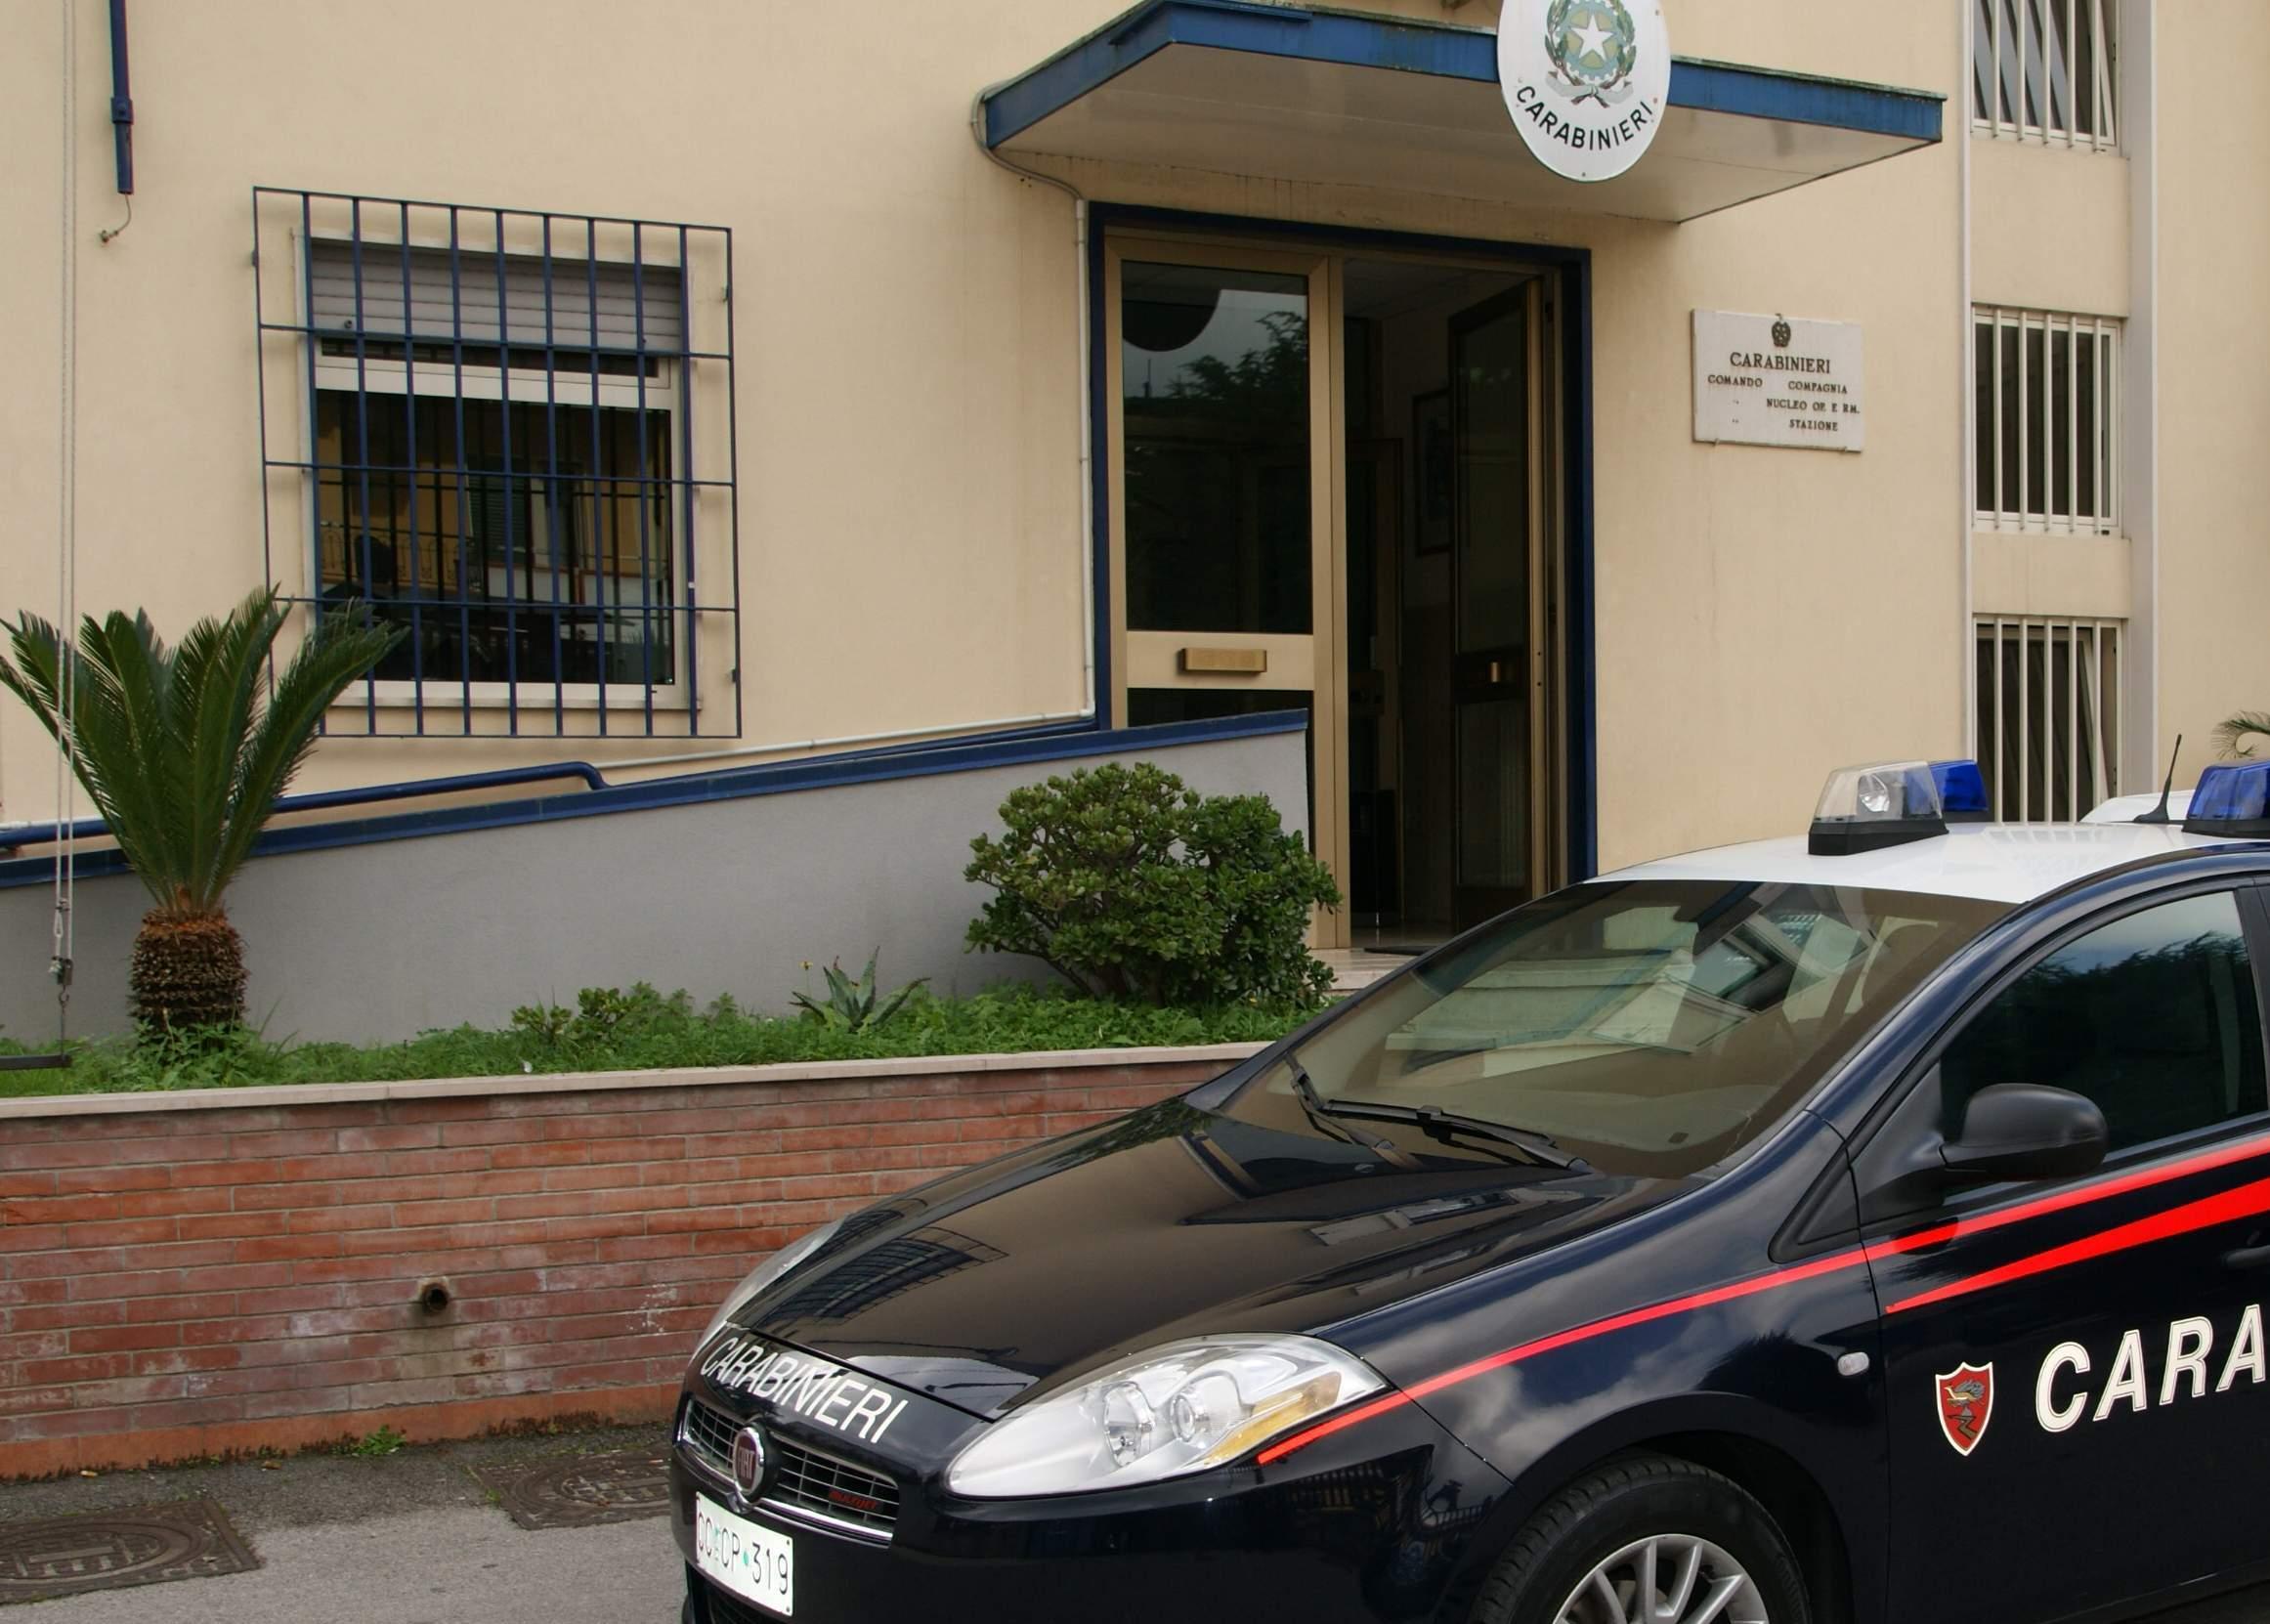 Sperone  Evade dai domiciliari e aggredisce familiari e carabinieri intervenuti: 48enne in carcere